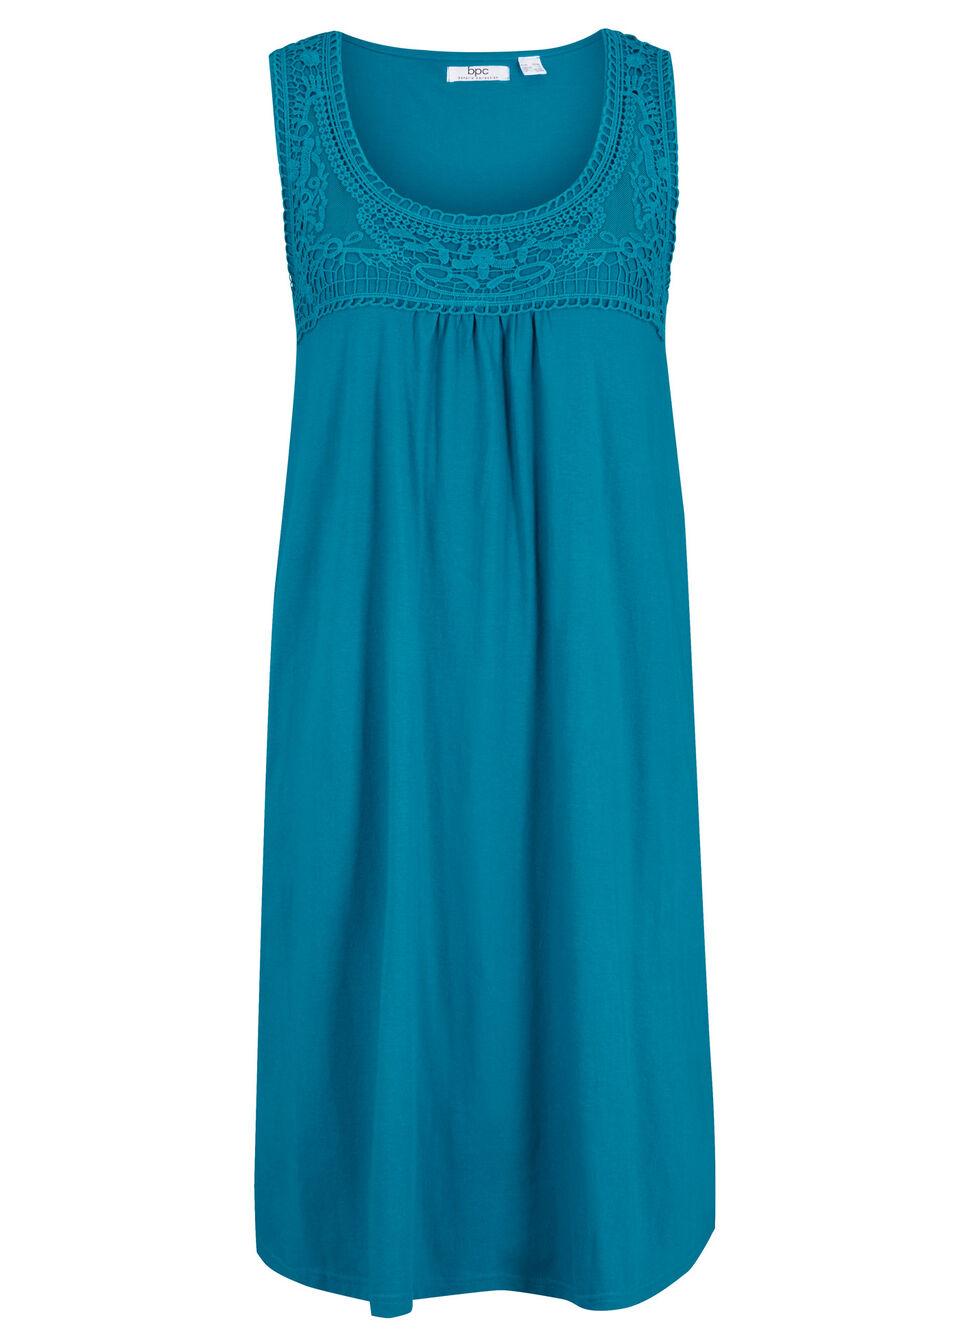 Sukienka shirtowa z bawełny z koronką, bez rękawów bonprix morski turkusowy